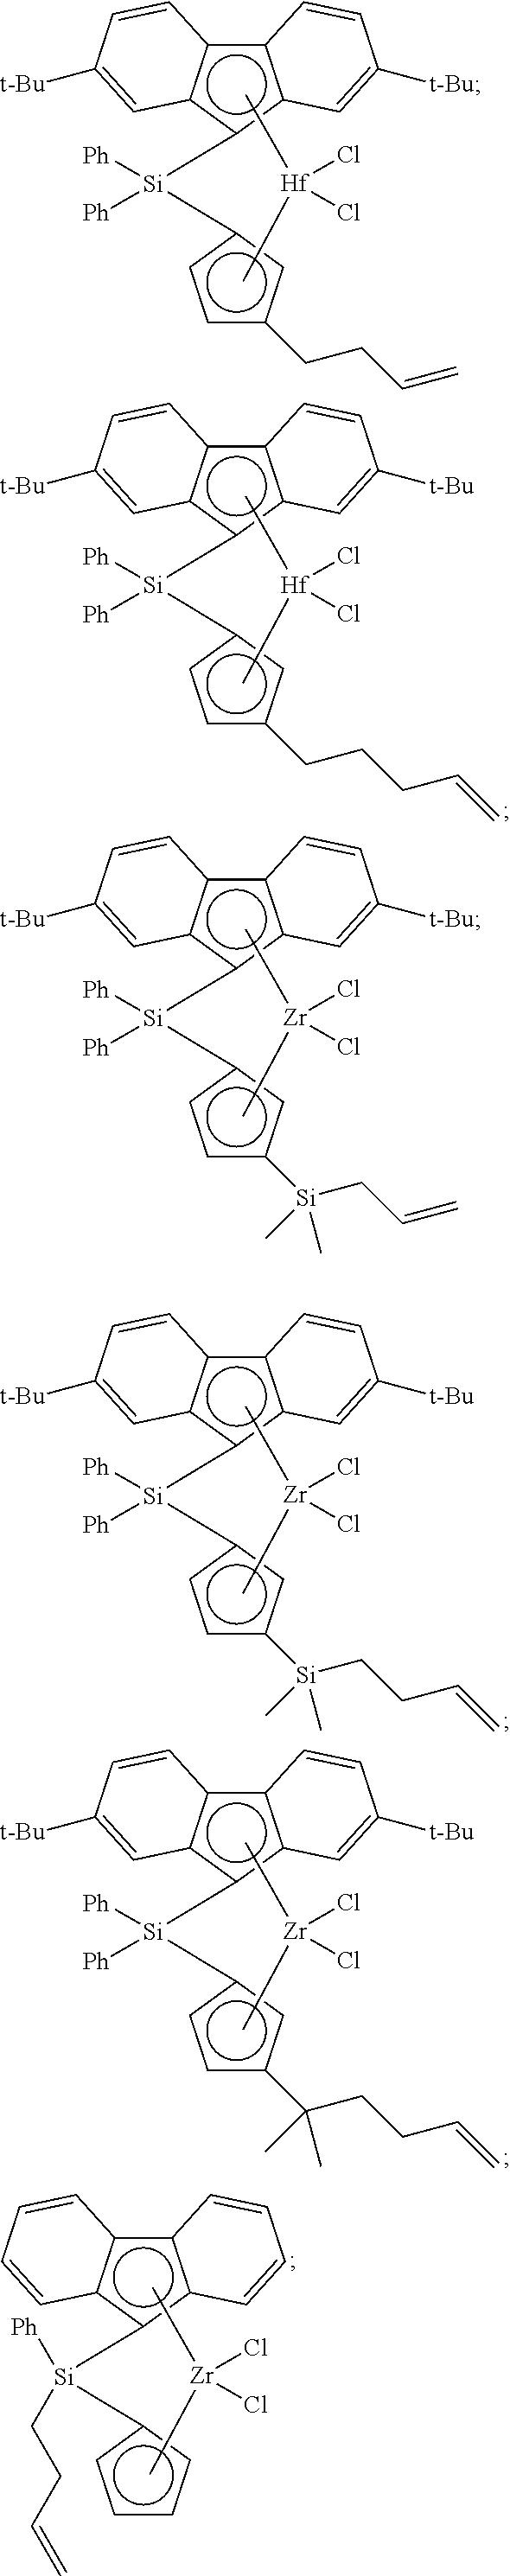 Figure US08288487-20121016-C00029